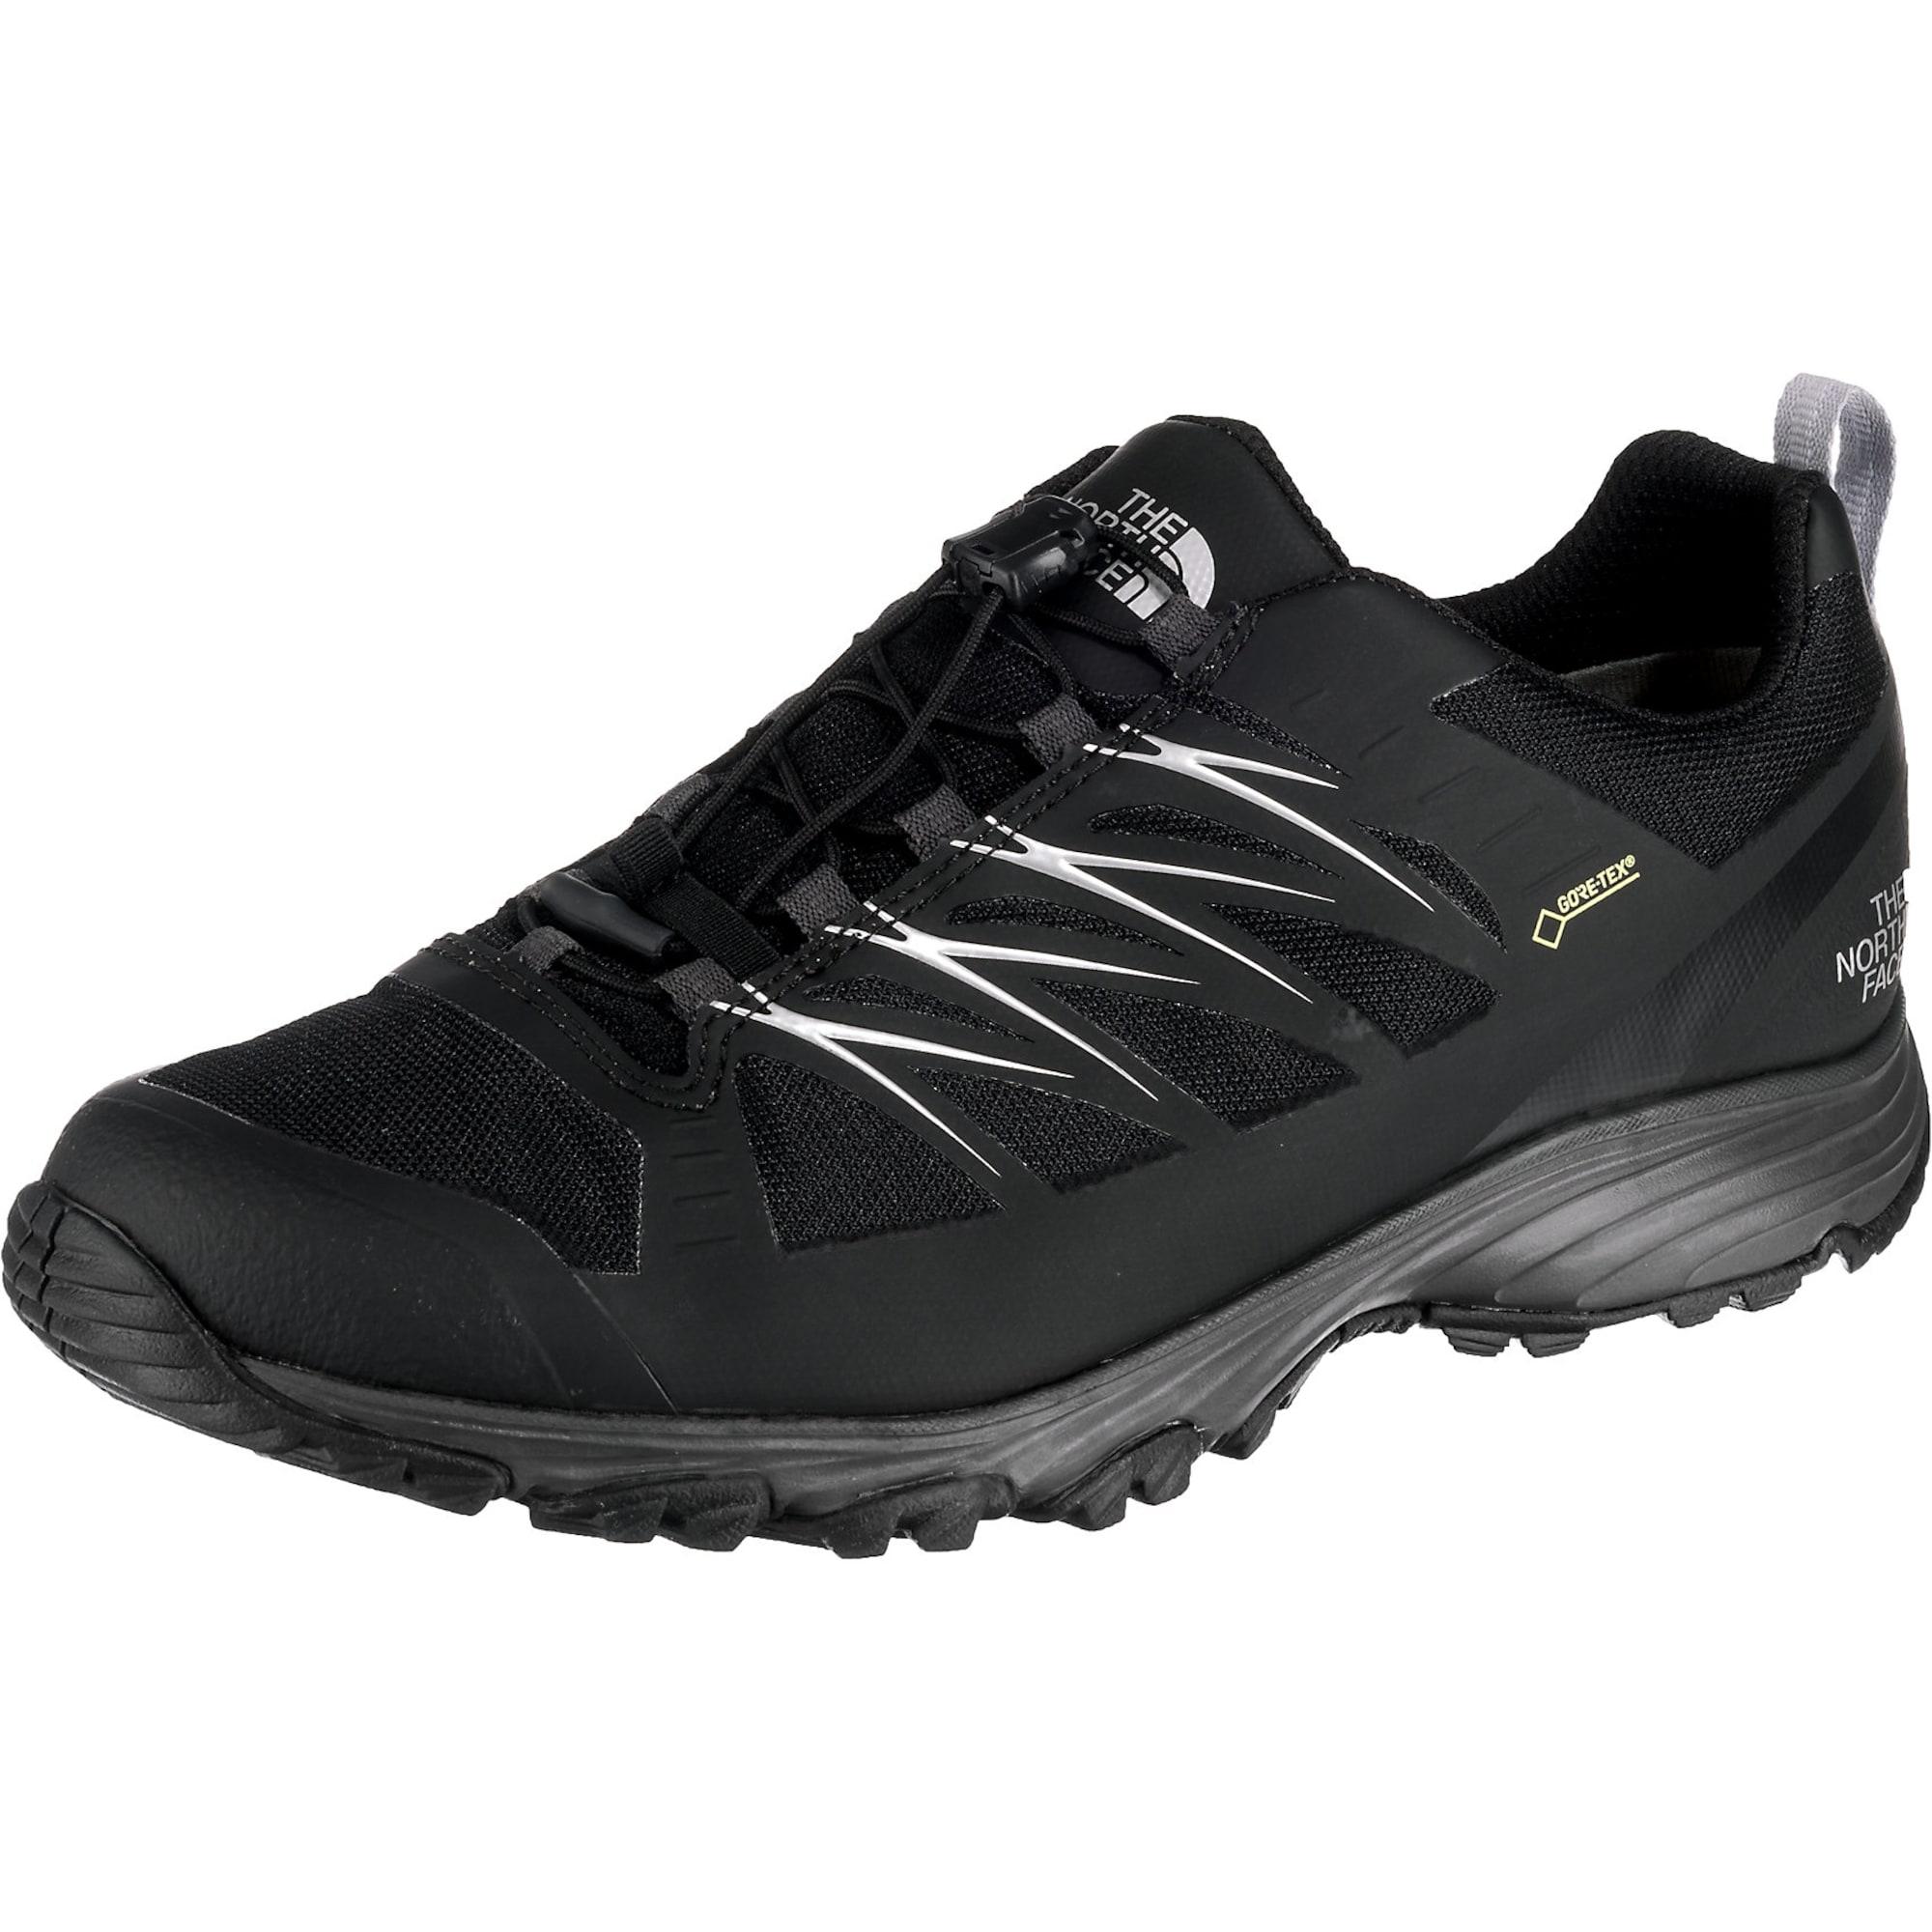 Trekkingschuhe 'Venture Fastlace GTX'   Schuhe > Outdoorschuhe > Trekkingschuhe   The North Face